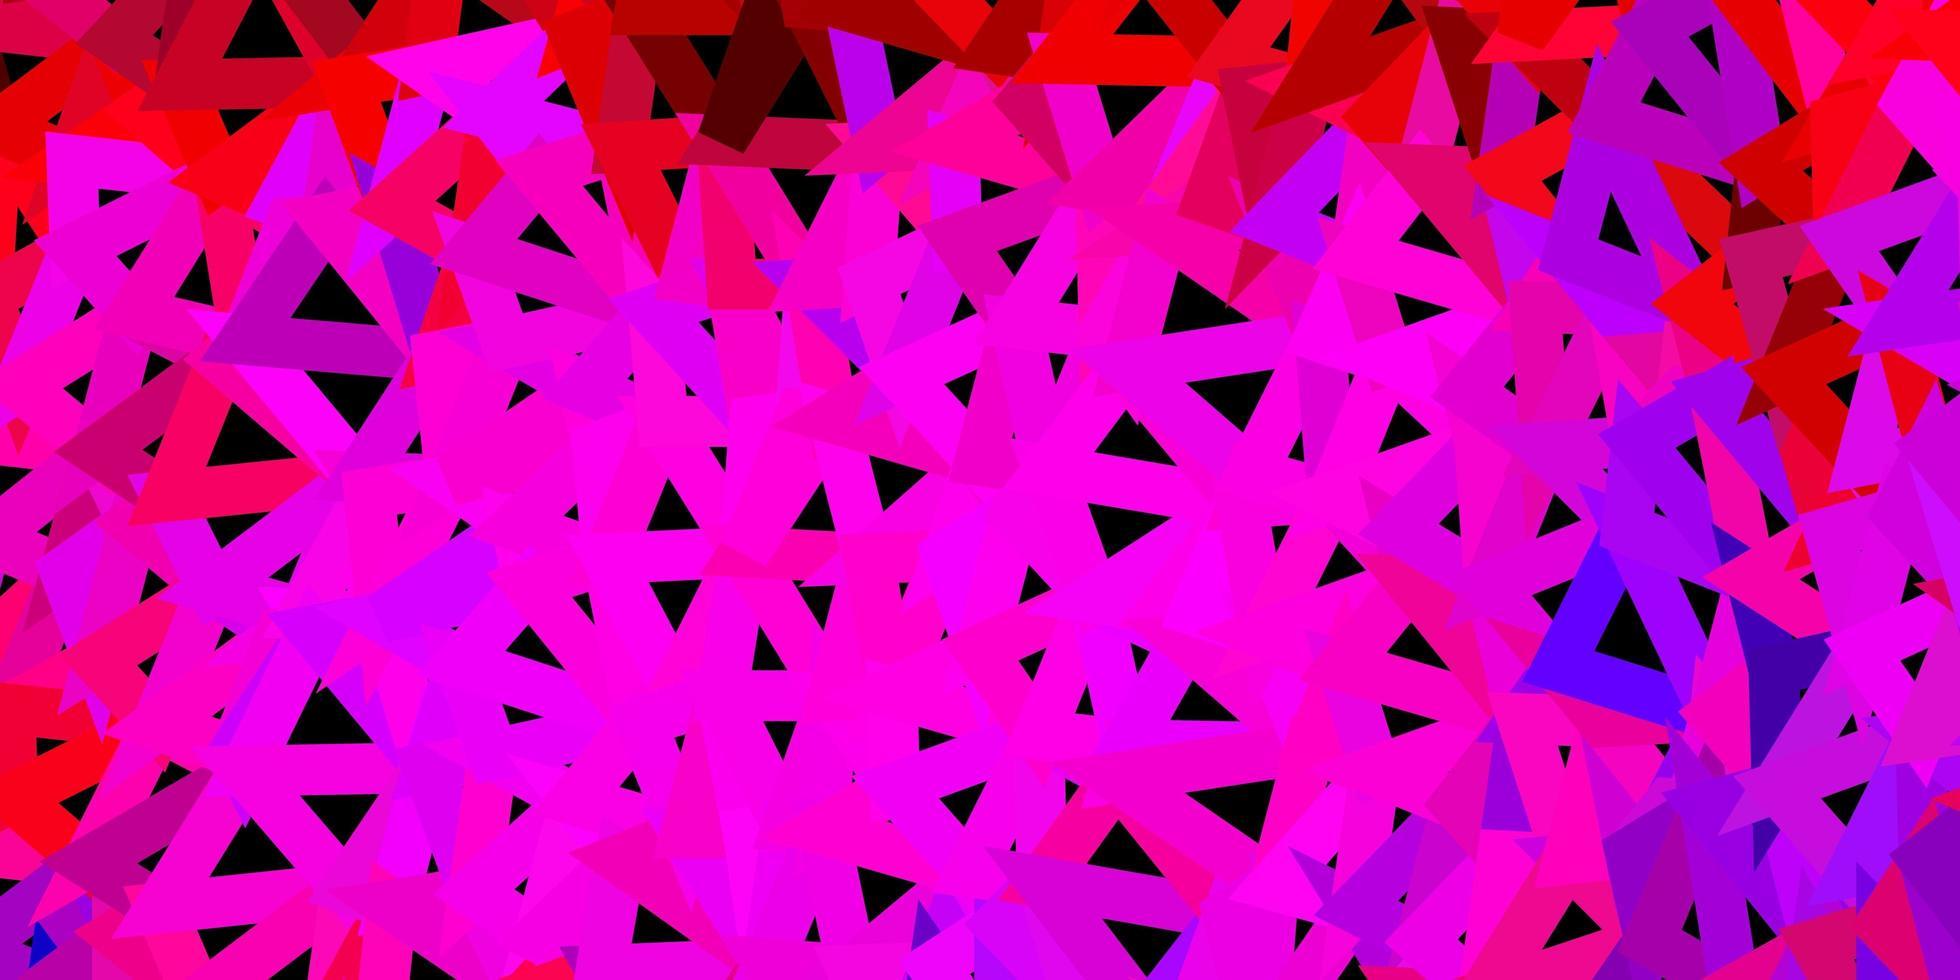 carta da parati geometrica poligonale vettoriale rosa chiaro, rosso.